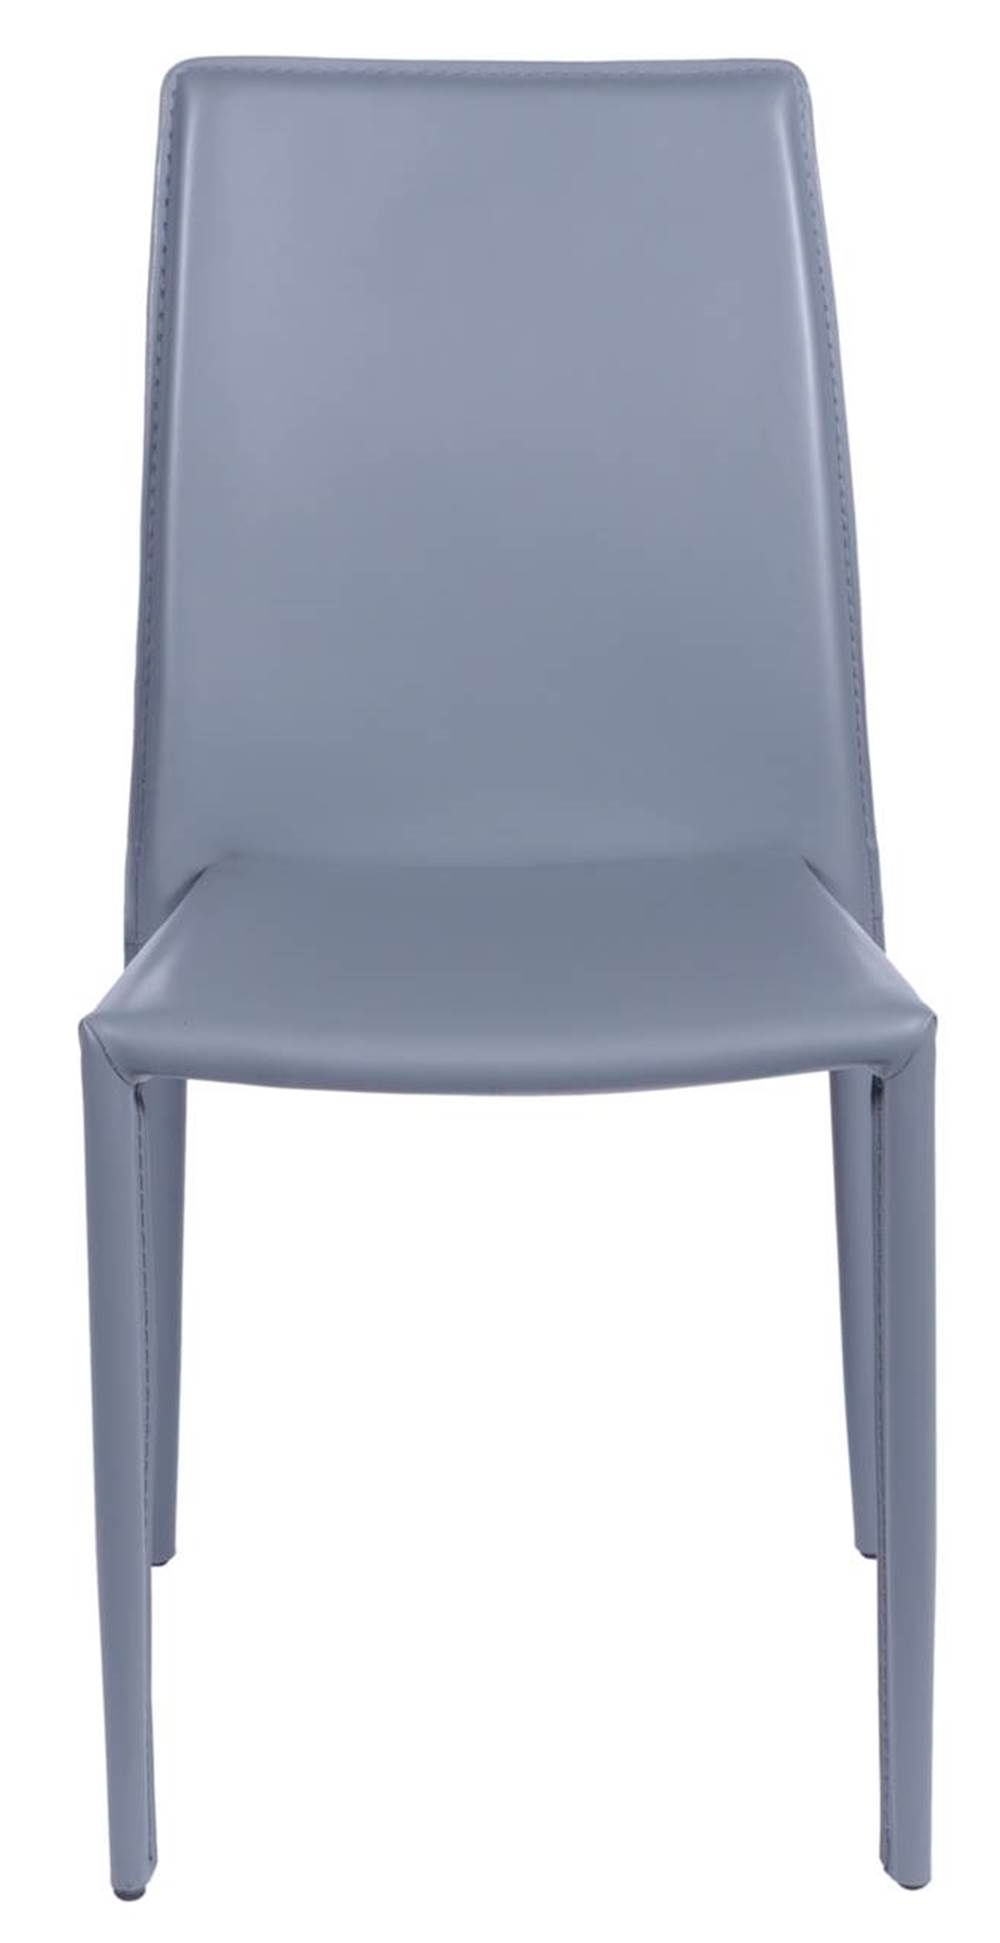 Cadeira Bali Estofada Couro Ecologico Cinza - 15003